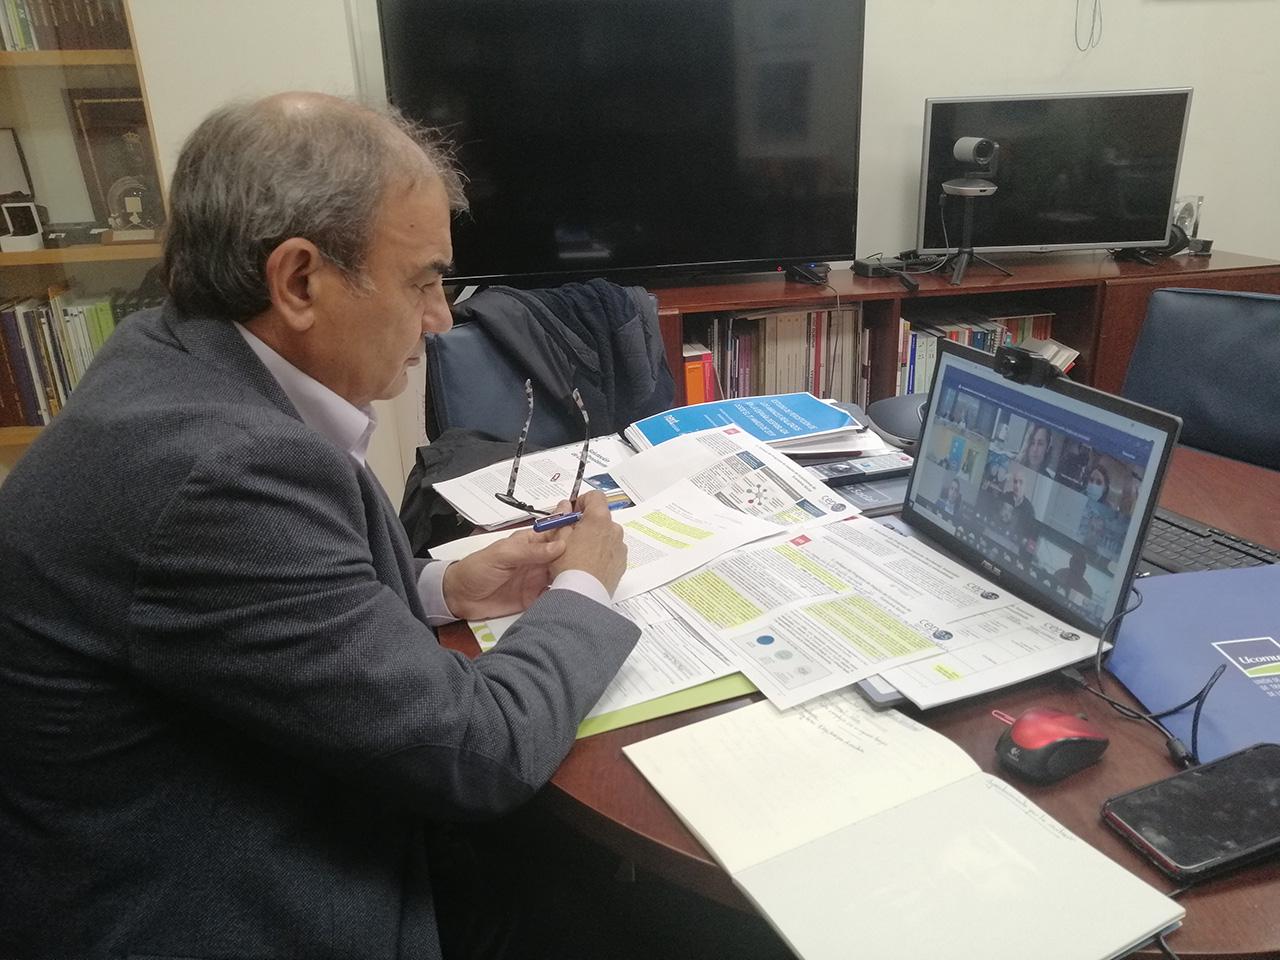 CEPES estuvo representada por su presidente, Juan Antonio Pedreño